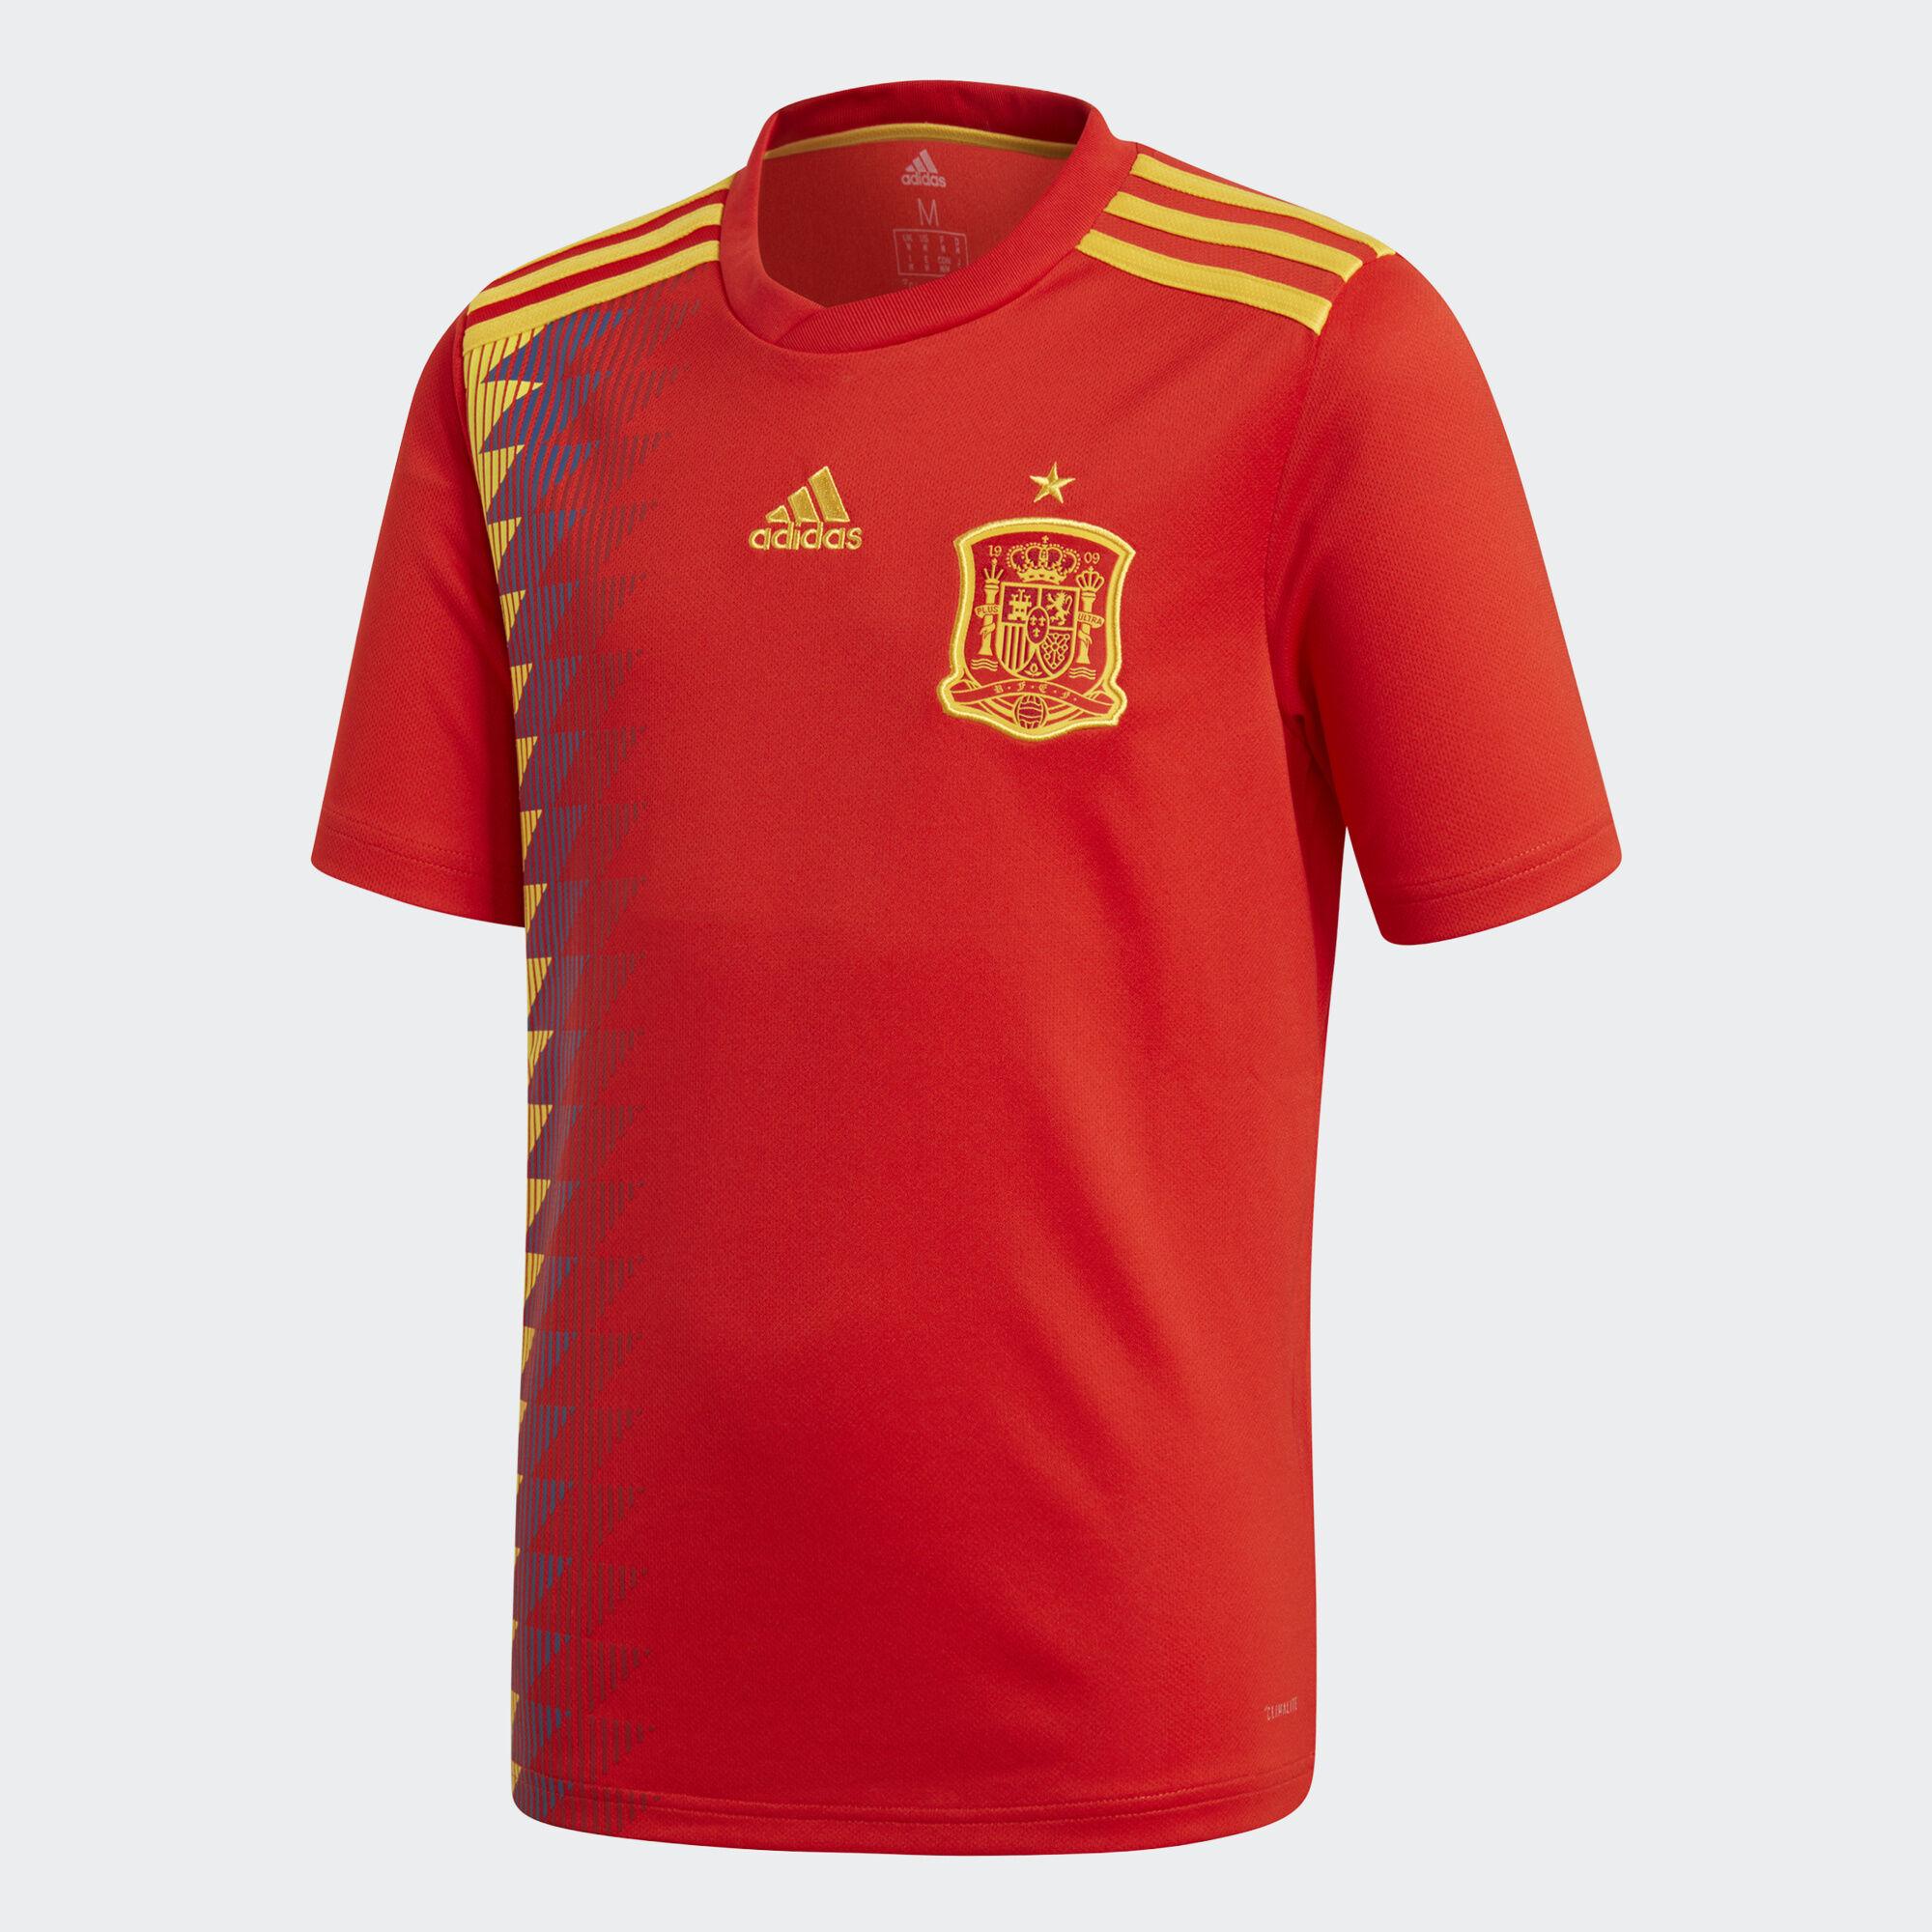 Coup Spain: Adidas Réplica Da Camisola Principal Da Espanha